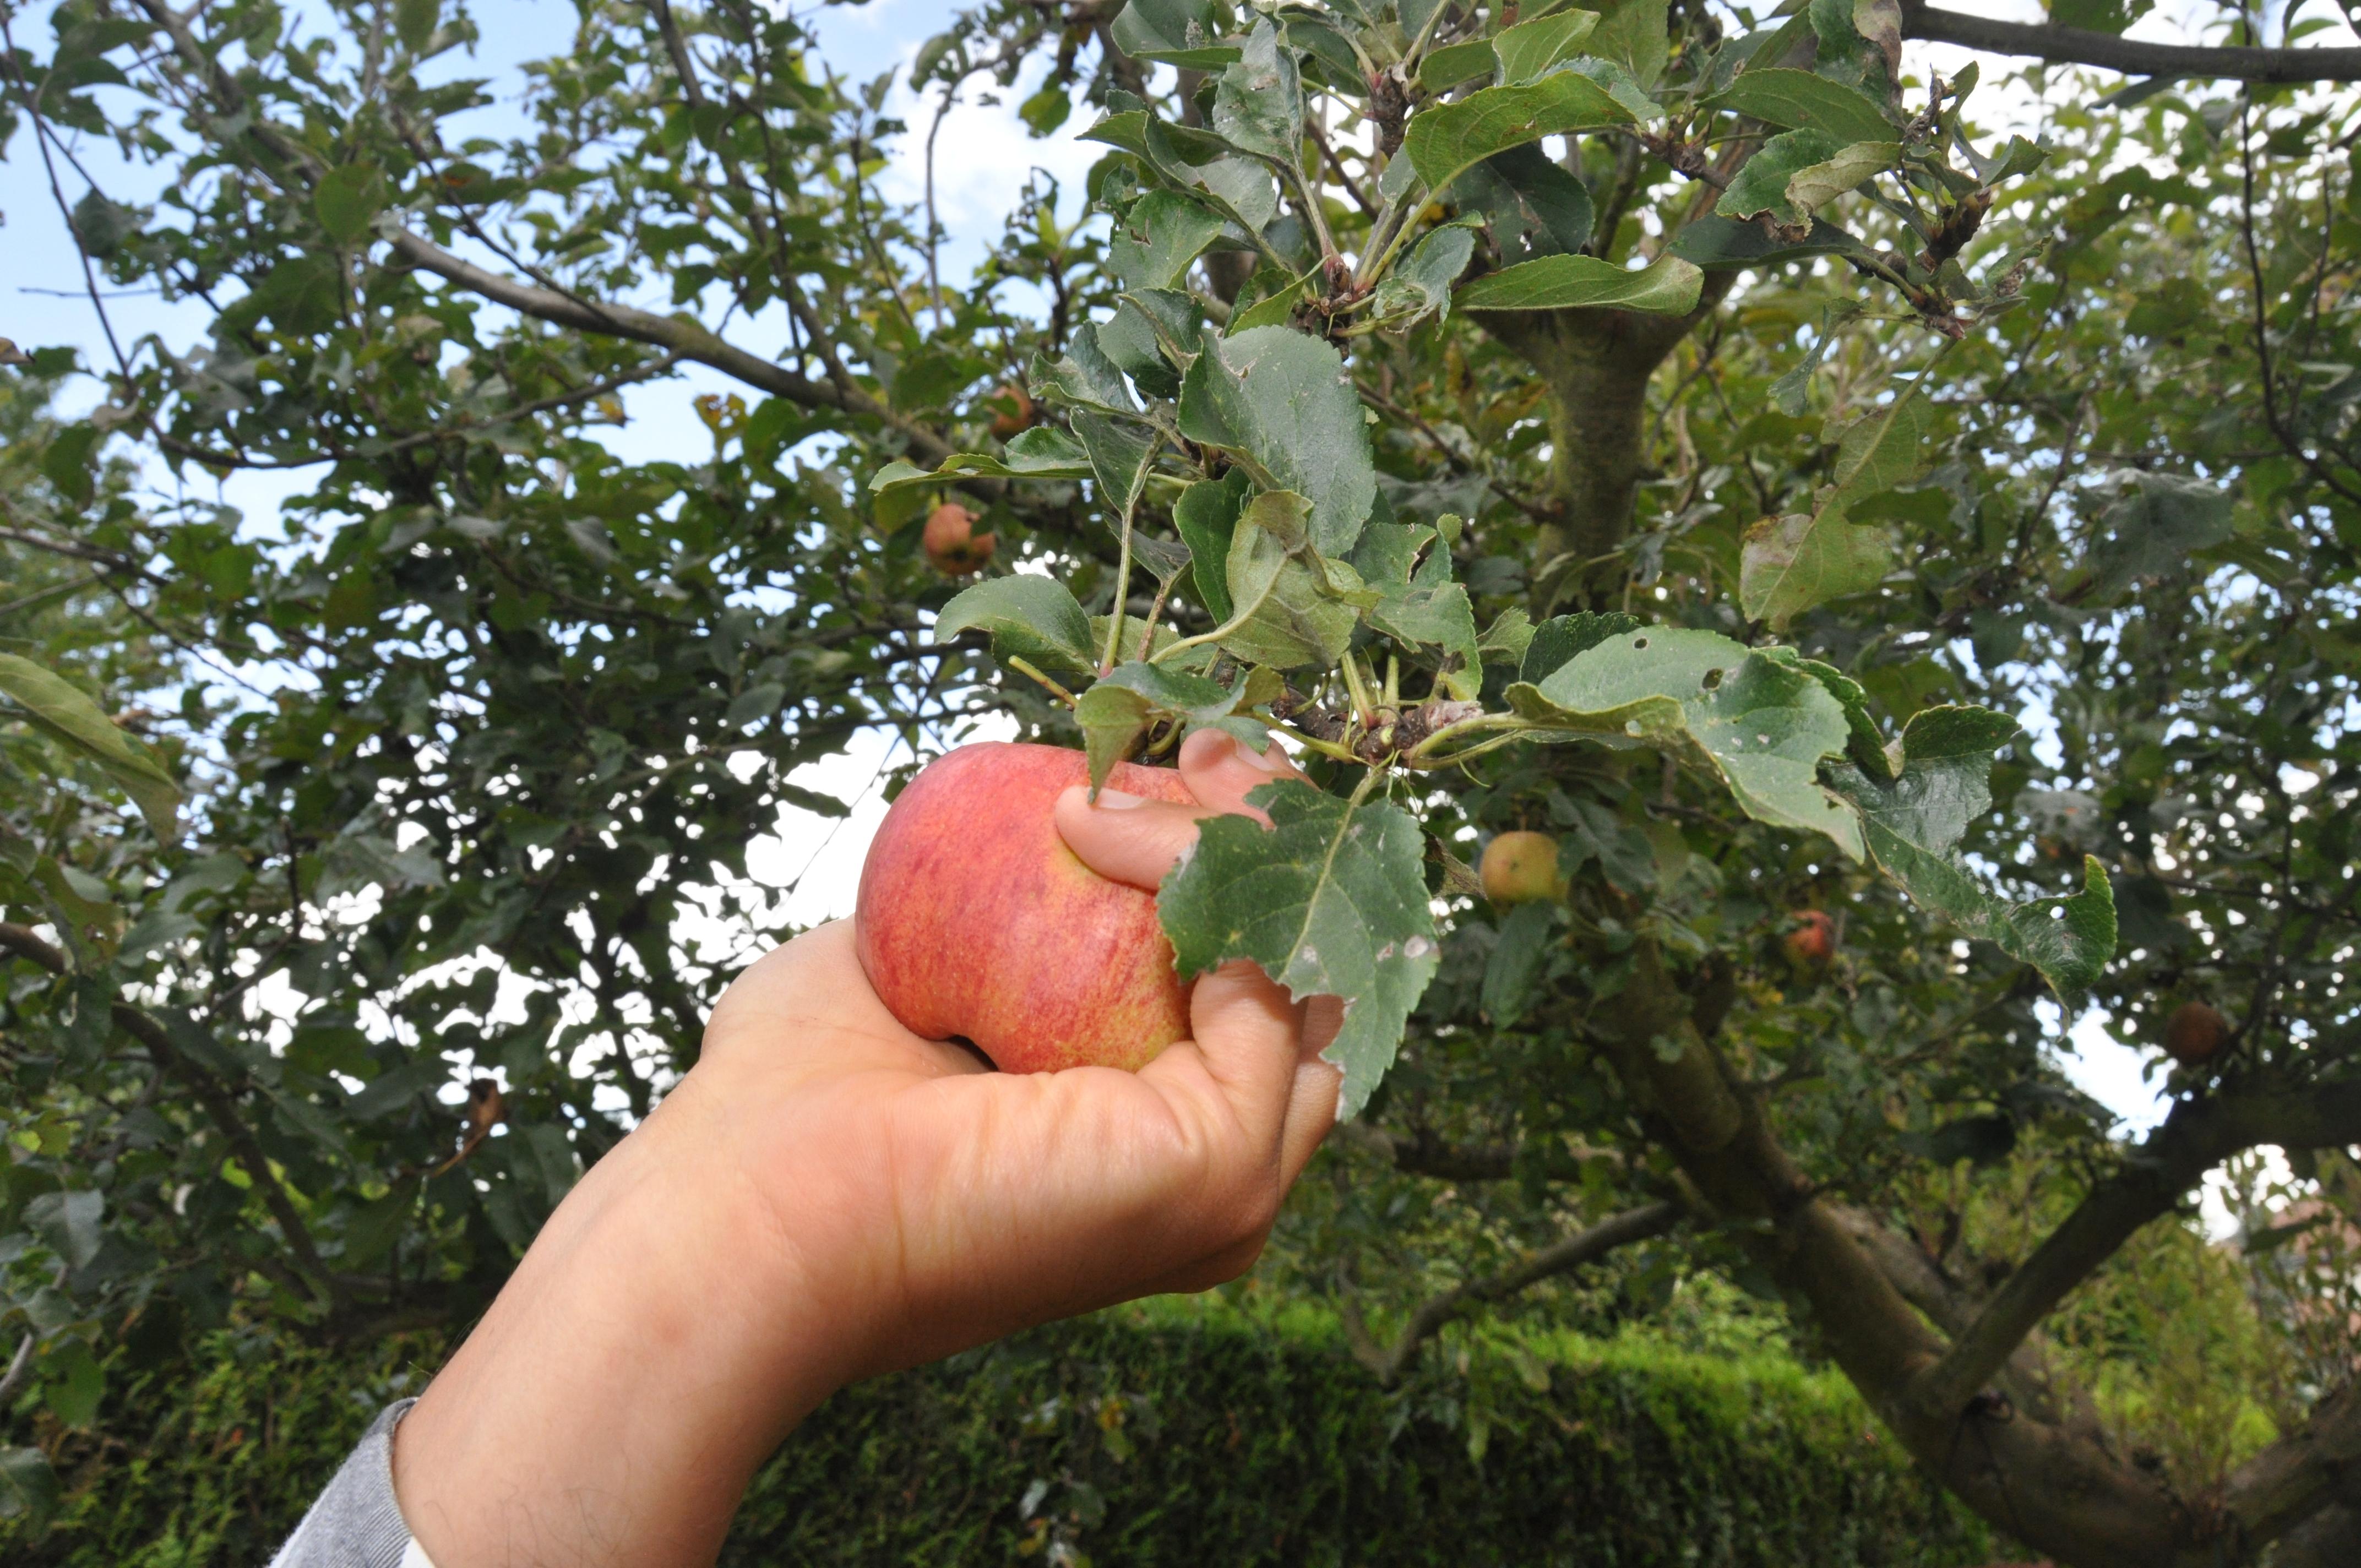 Comment bien cueillir ses pommes la cabane jus - Comment conserver des pommes coupees ...